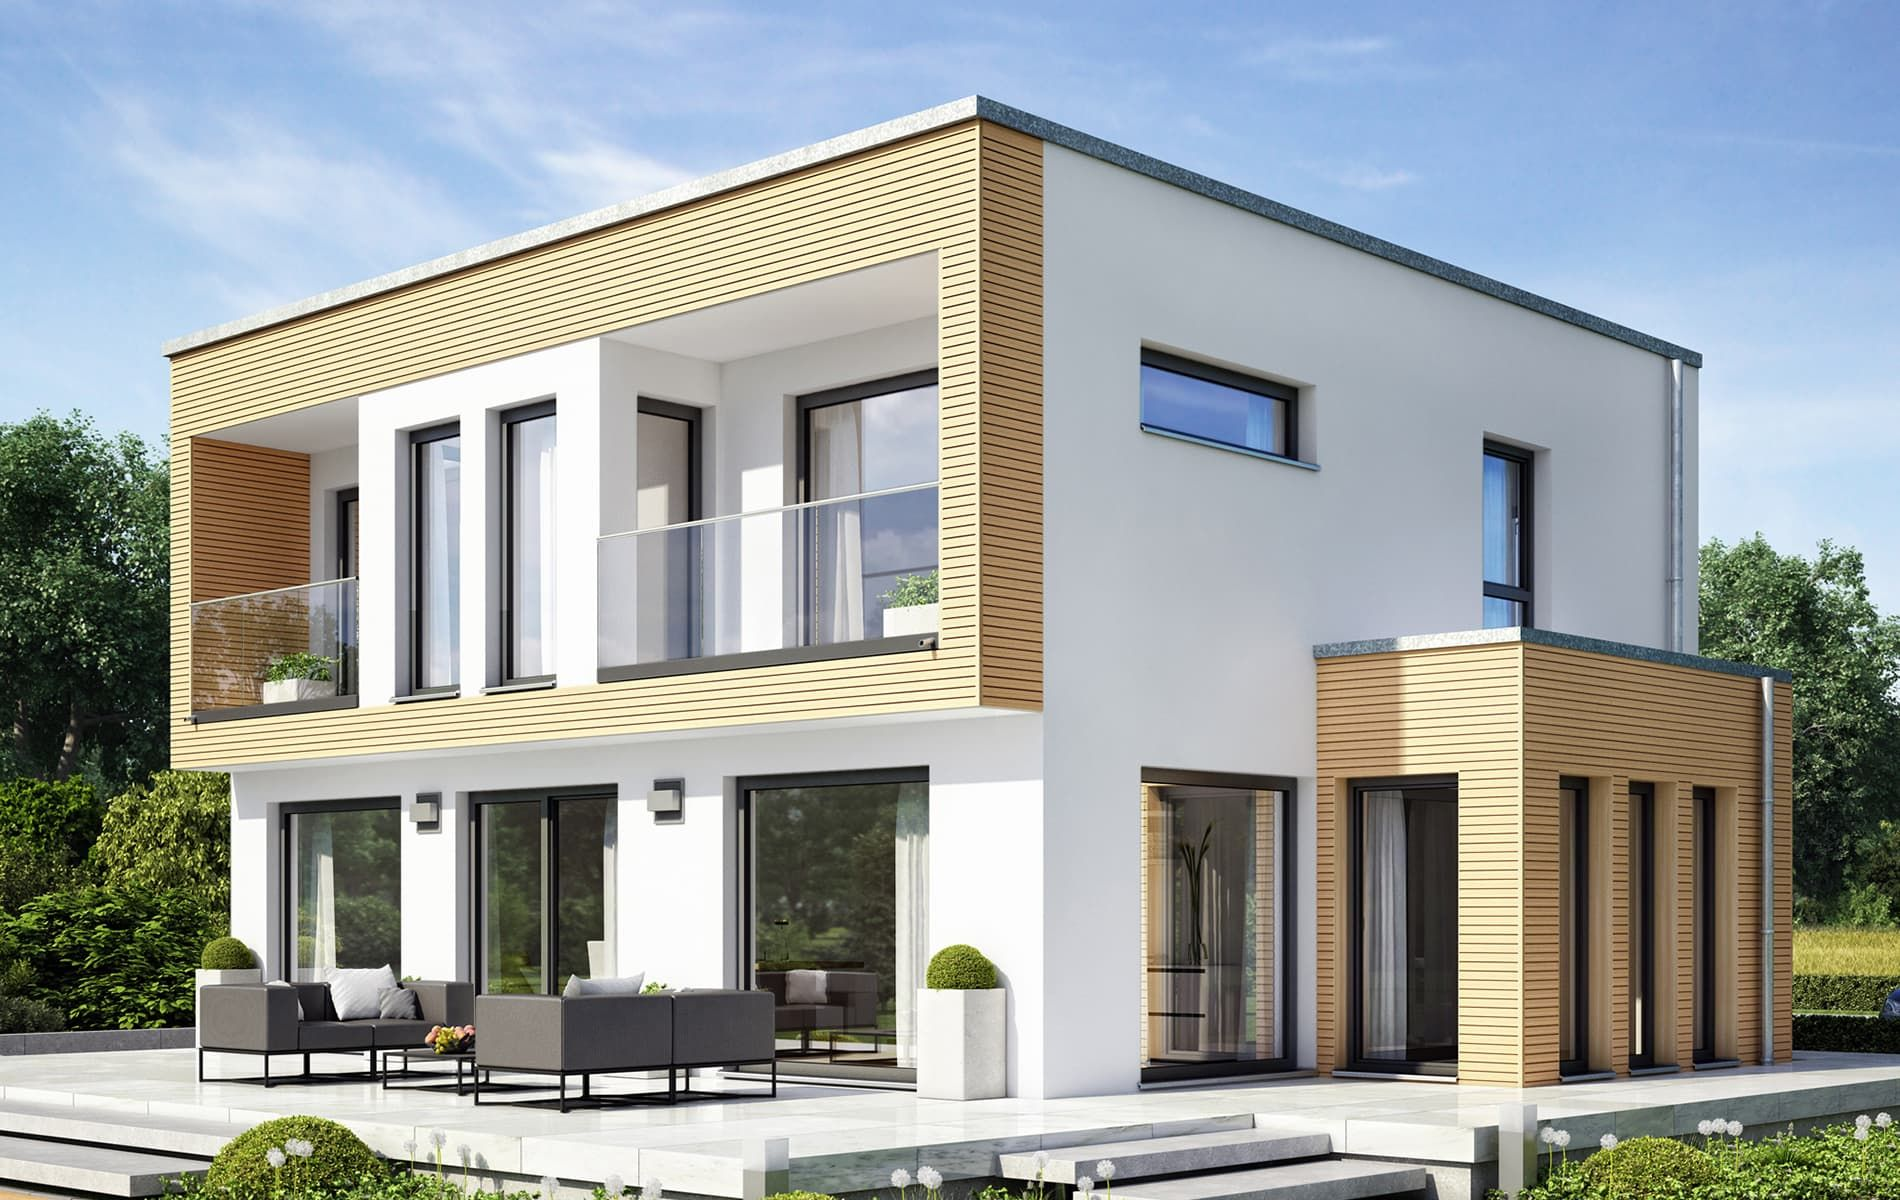 Elegant-modernes Traumhaus mit Fassadenrahmen und Fassadenrücksprung ...